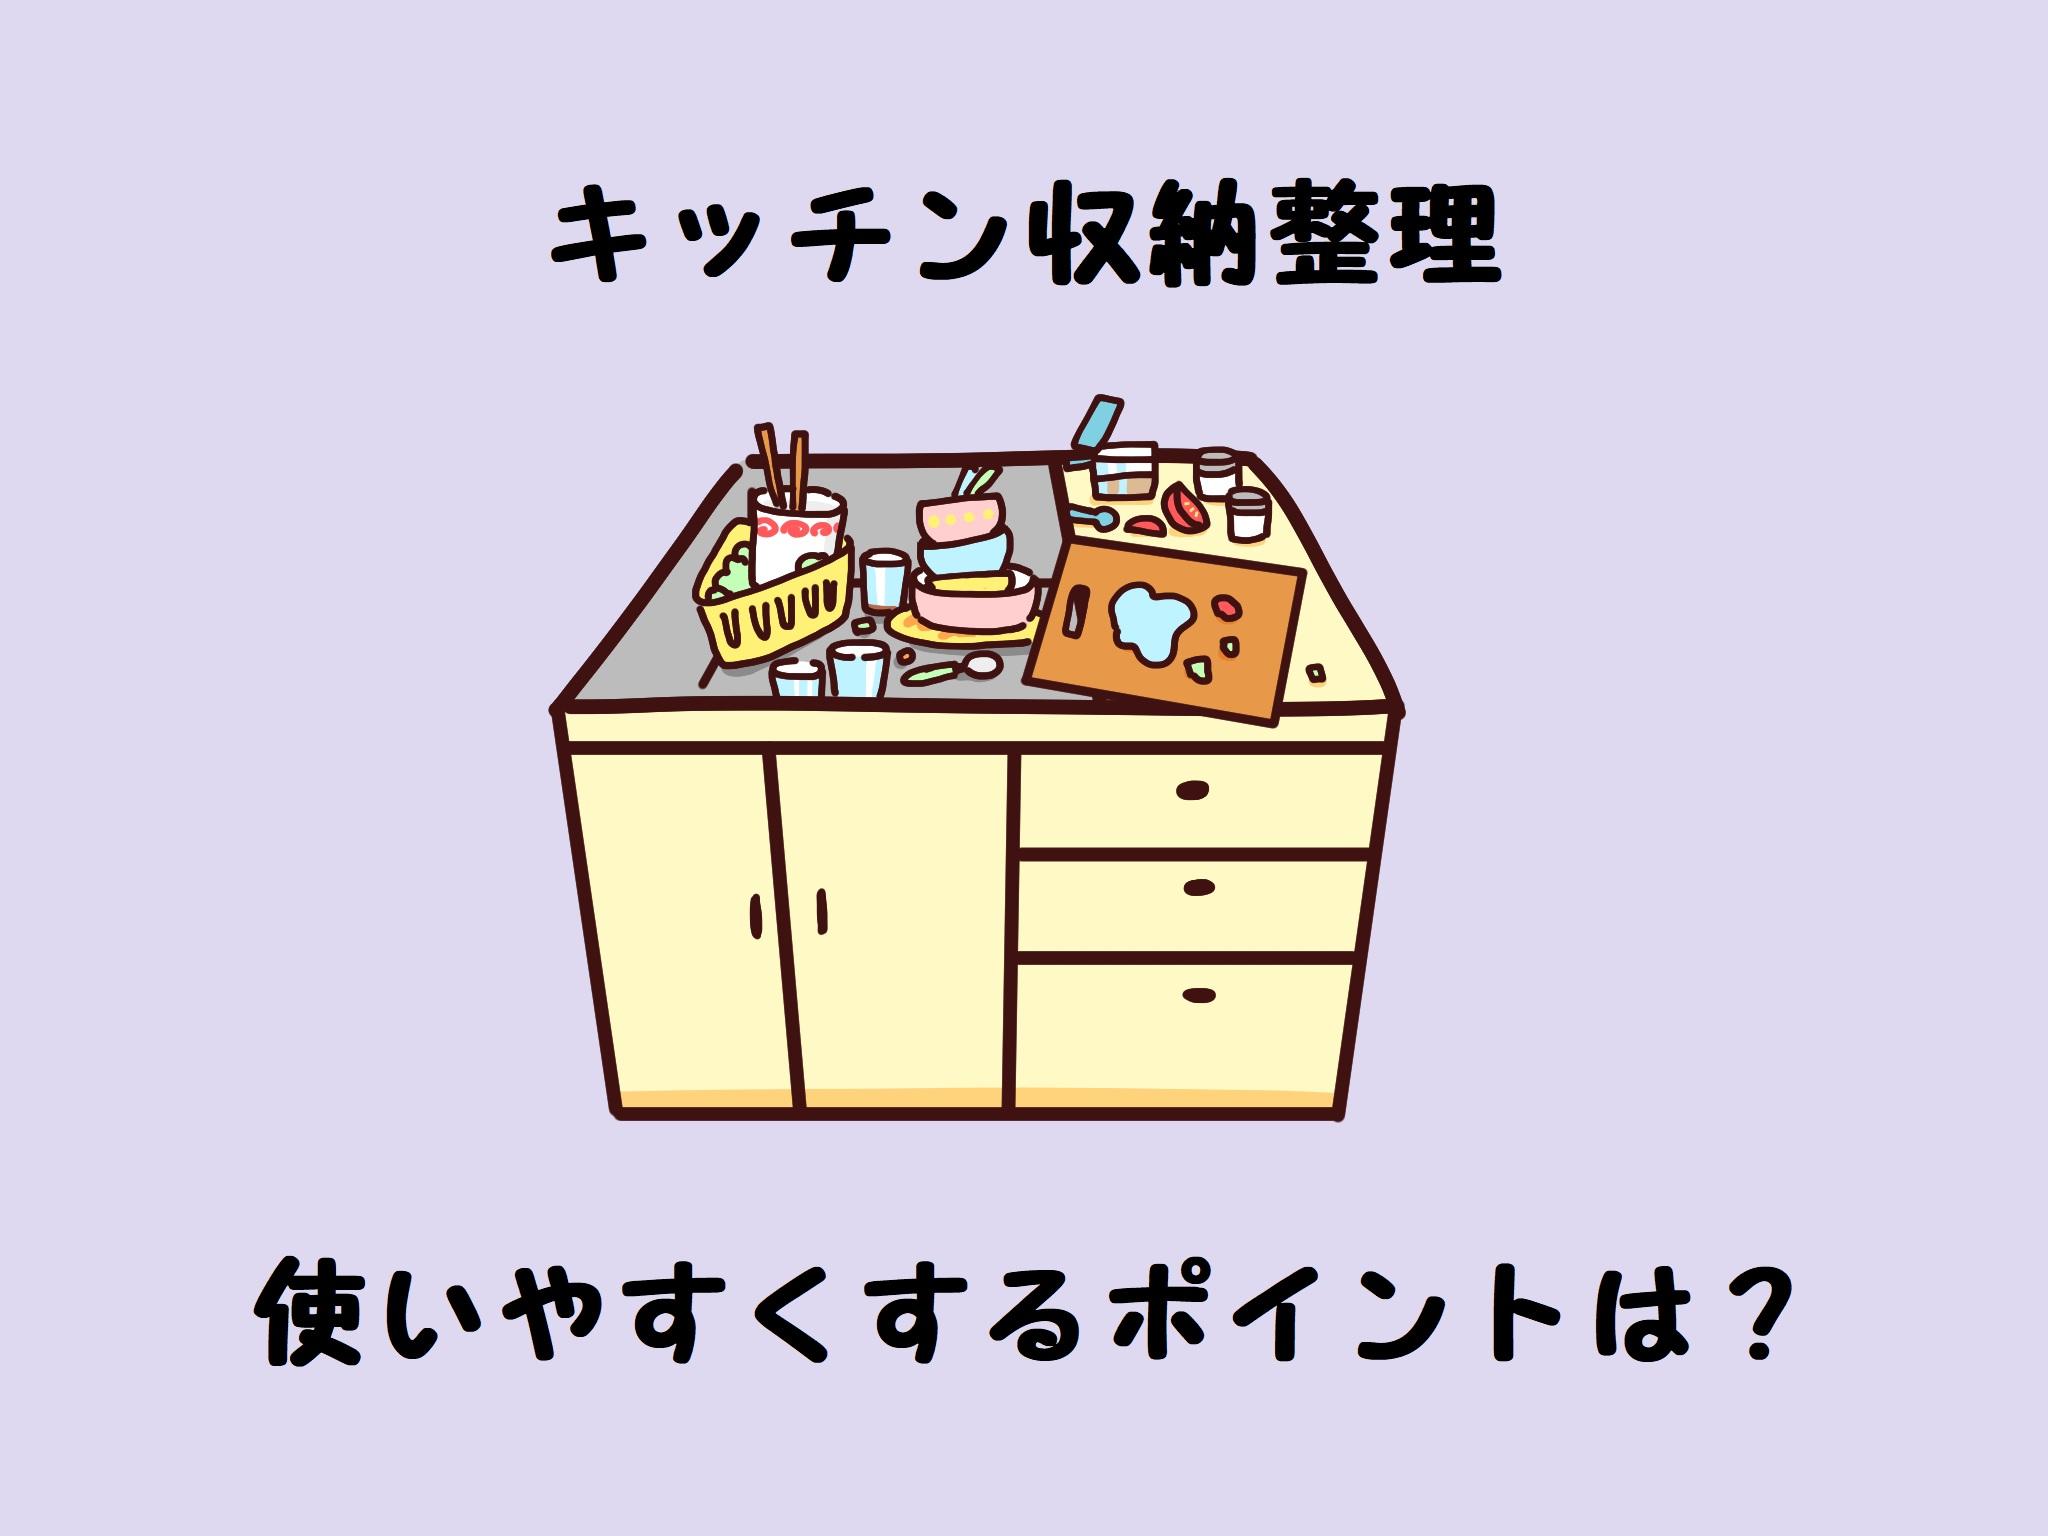 【キッチン収納整理】家事時短&使いやすくするポイントを徹底調査!